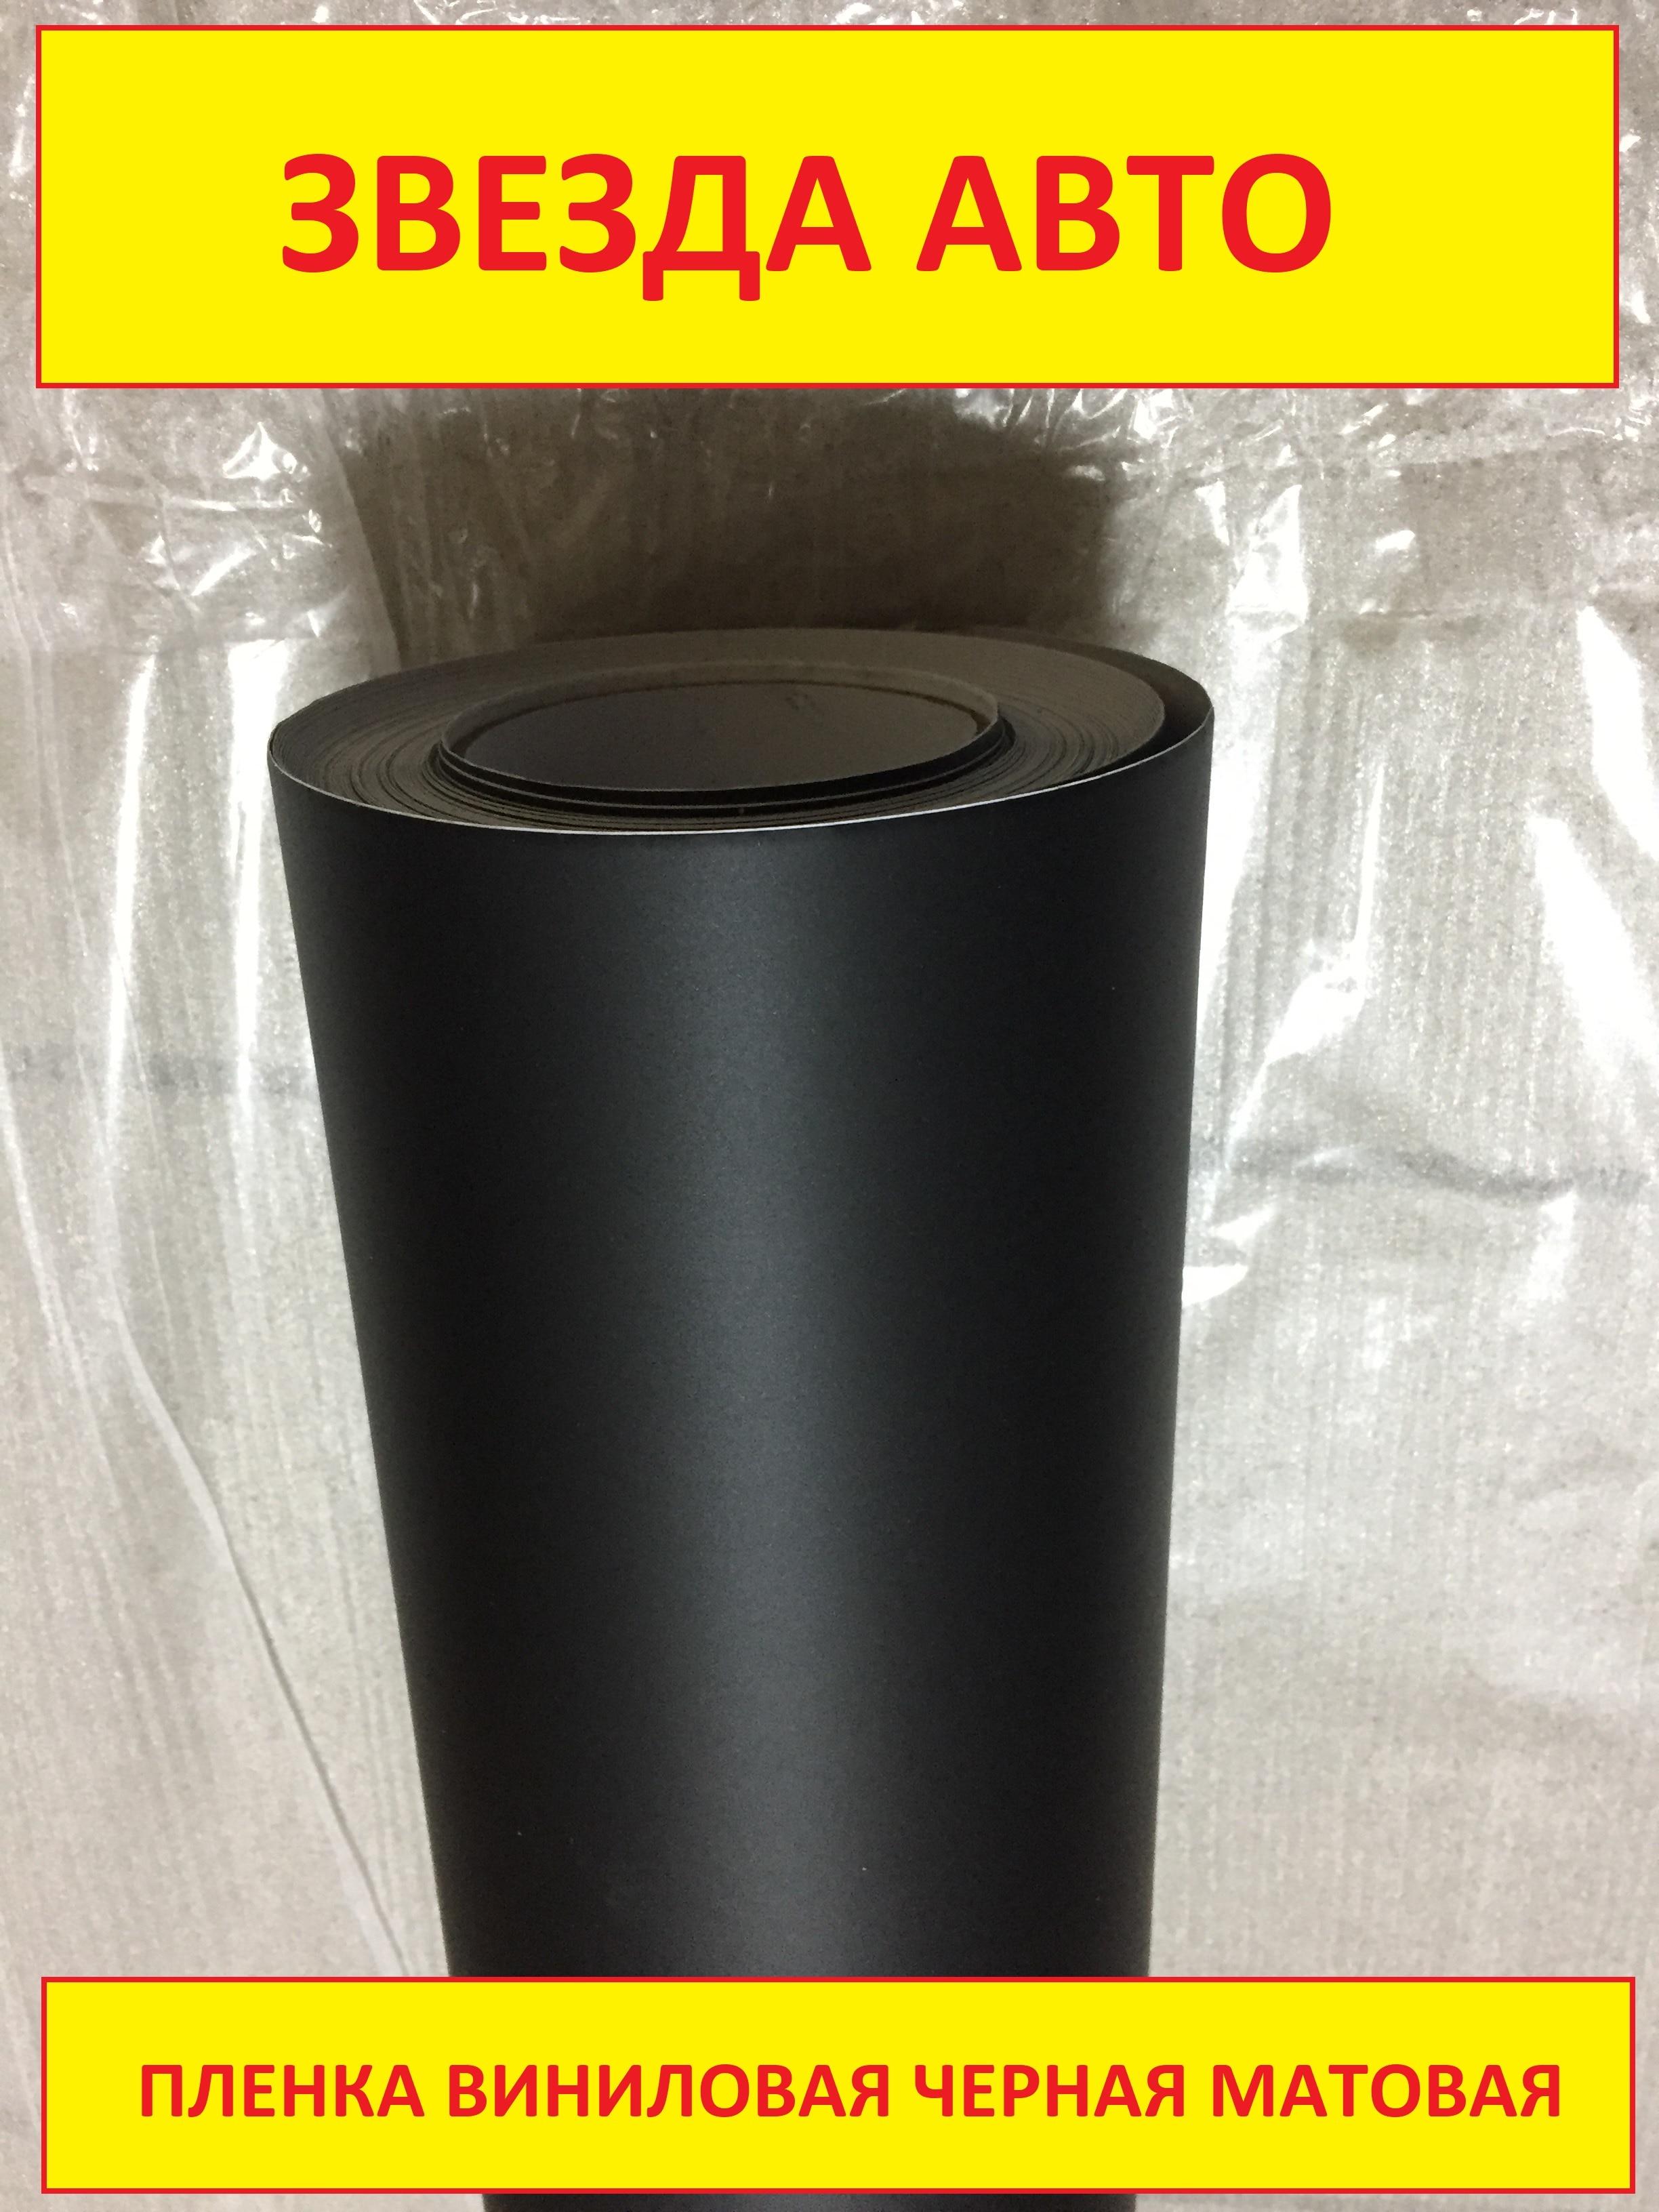 الفينيل فيلم أسود ماتي فيلم ذاتية اللصق للسيارات مصنوعة من ألياف الكربون الخارجي والداخلي عرض 152 سنتيمتر